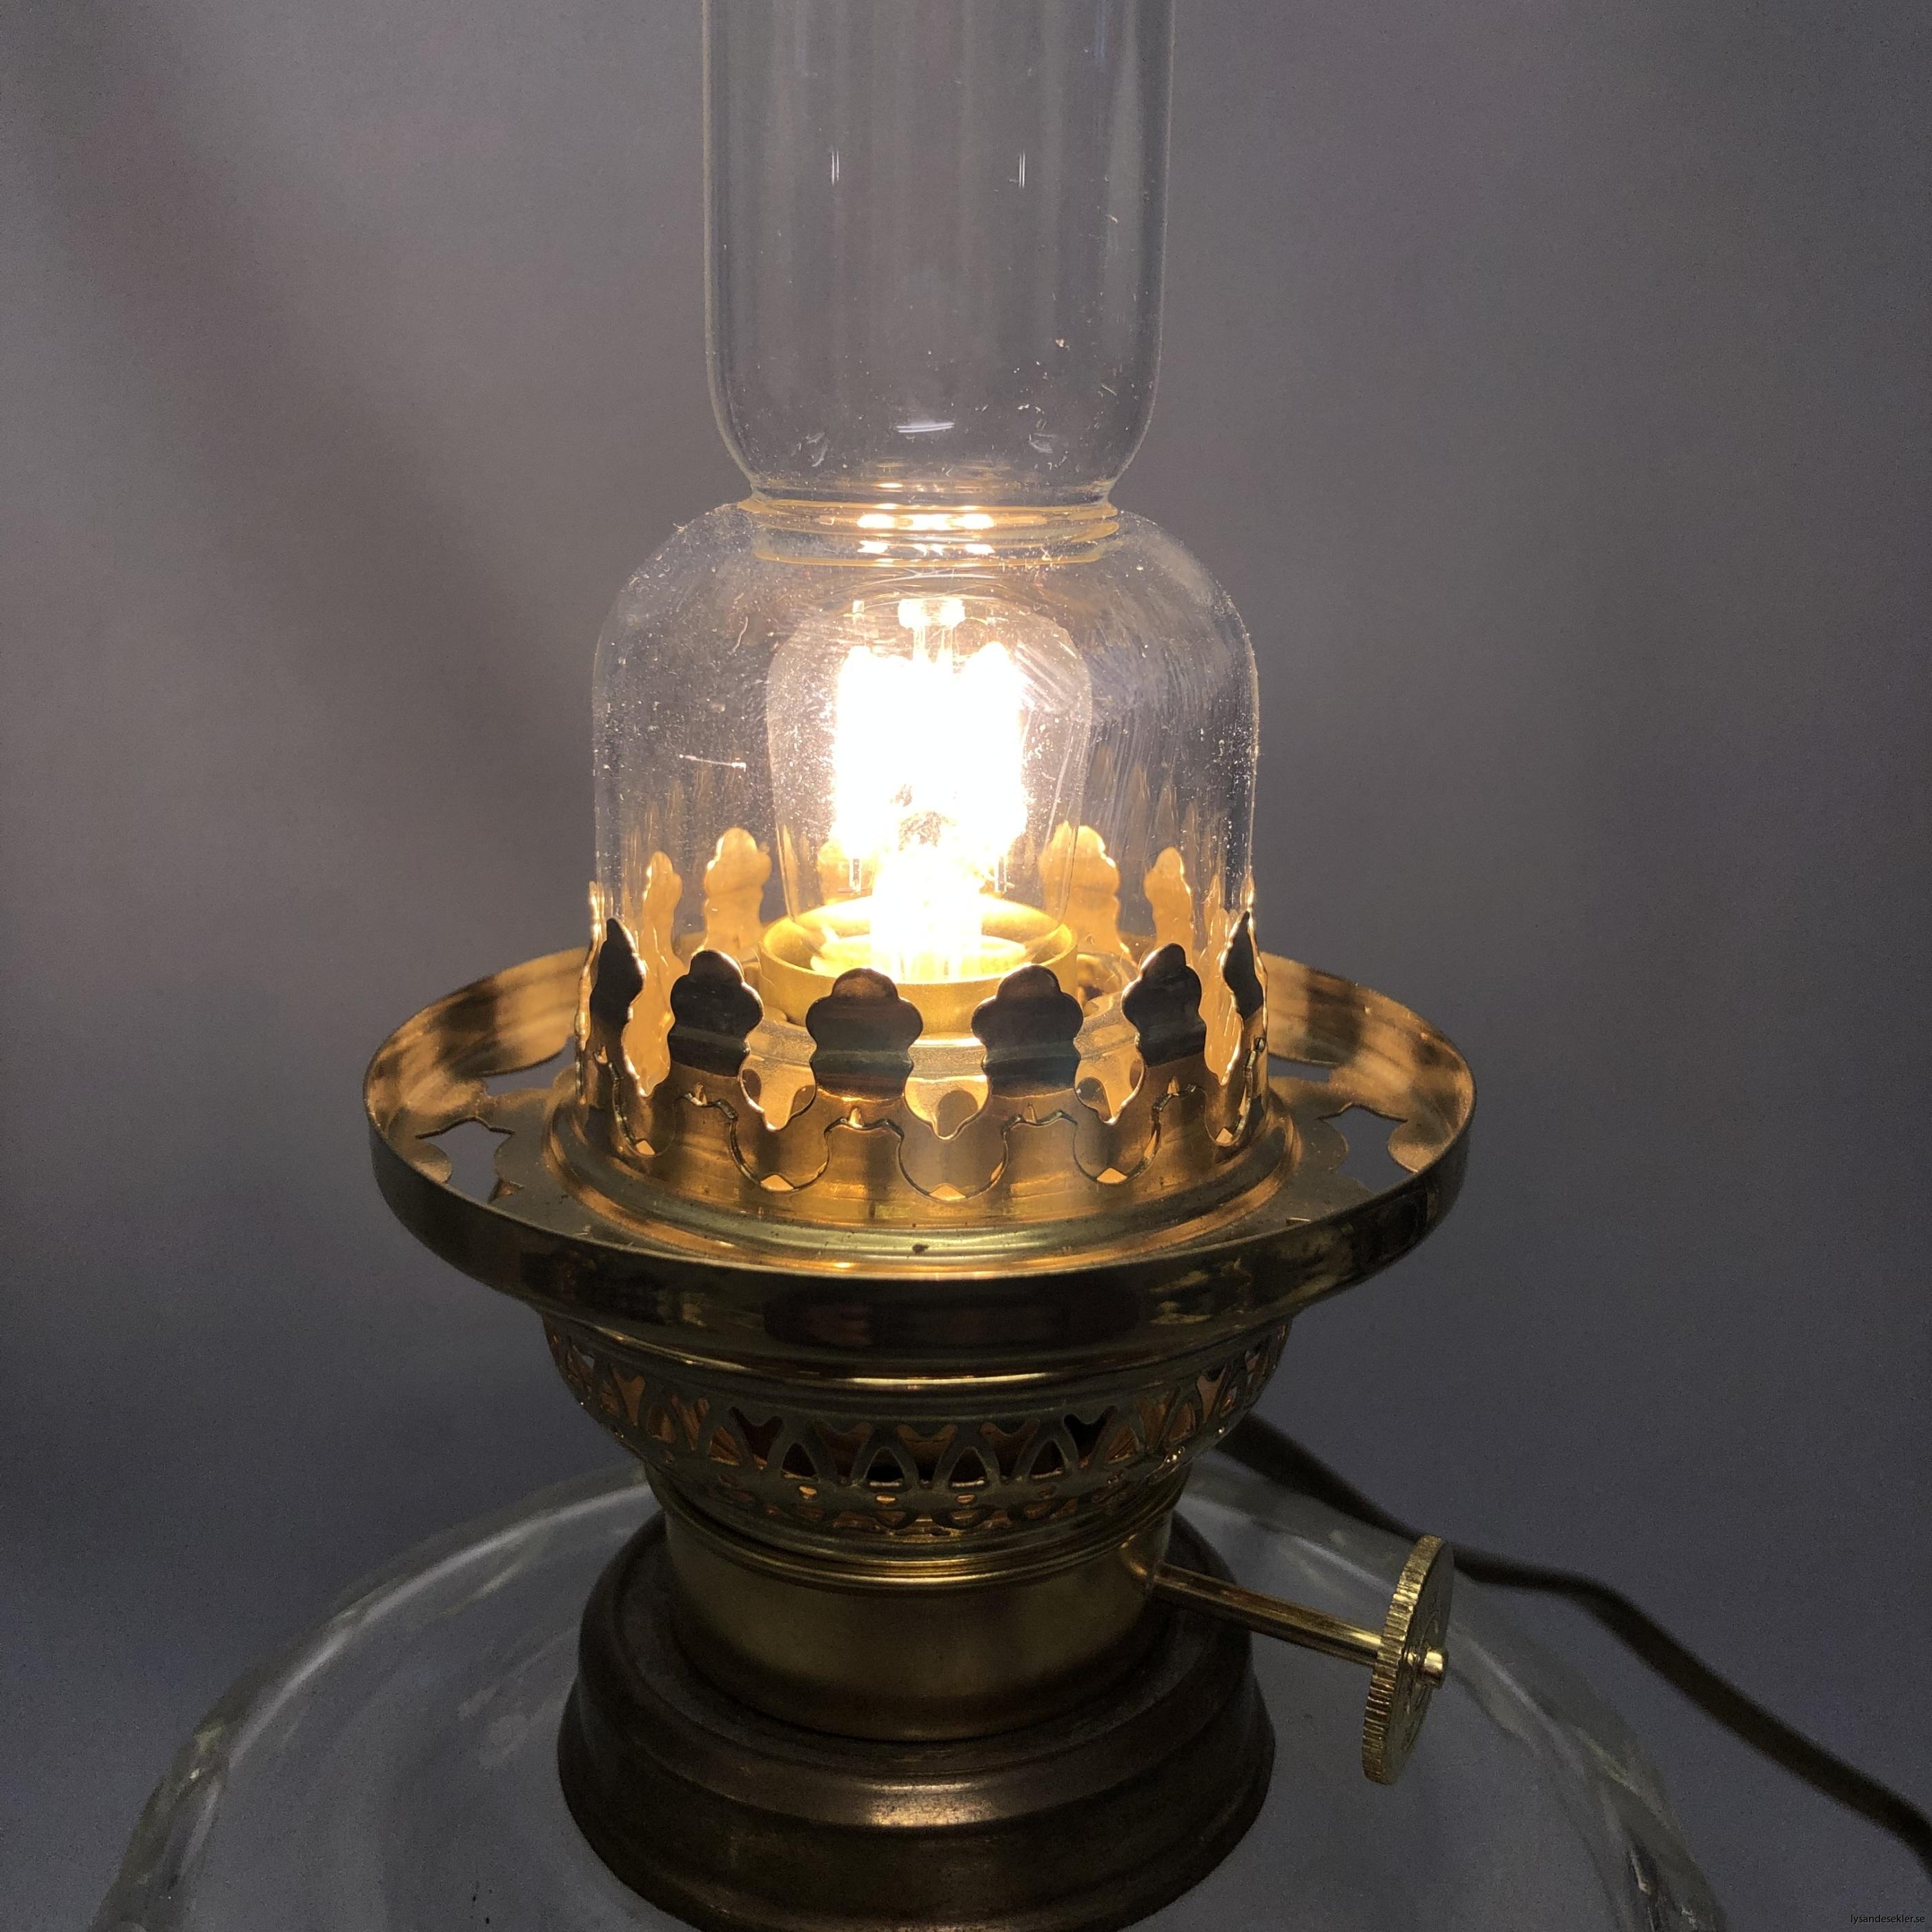 elektrisk brännare imitationsbrännare elbrännare6